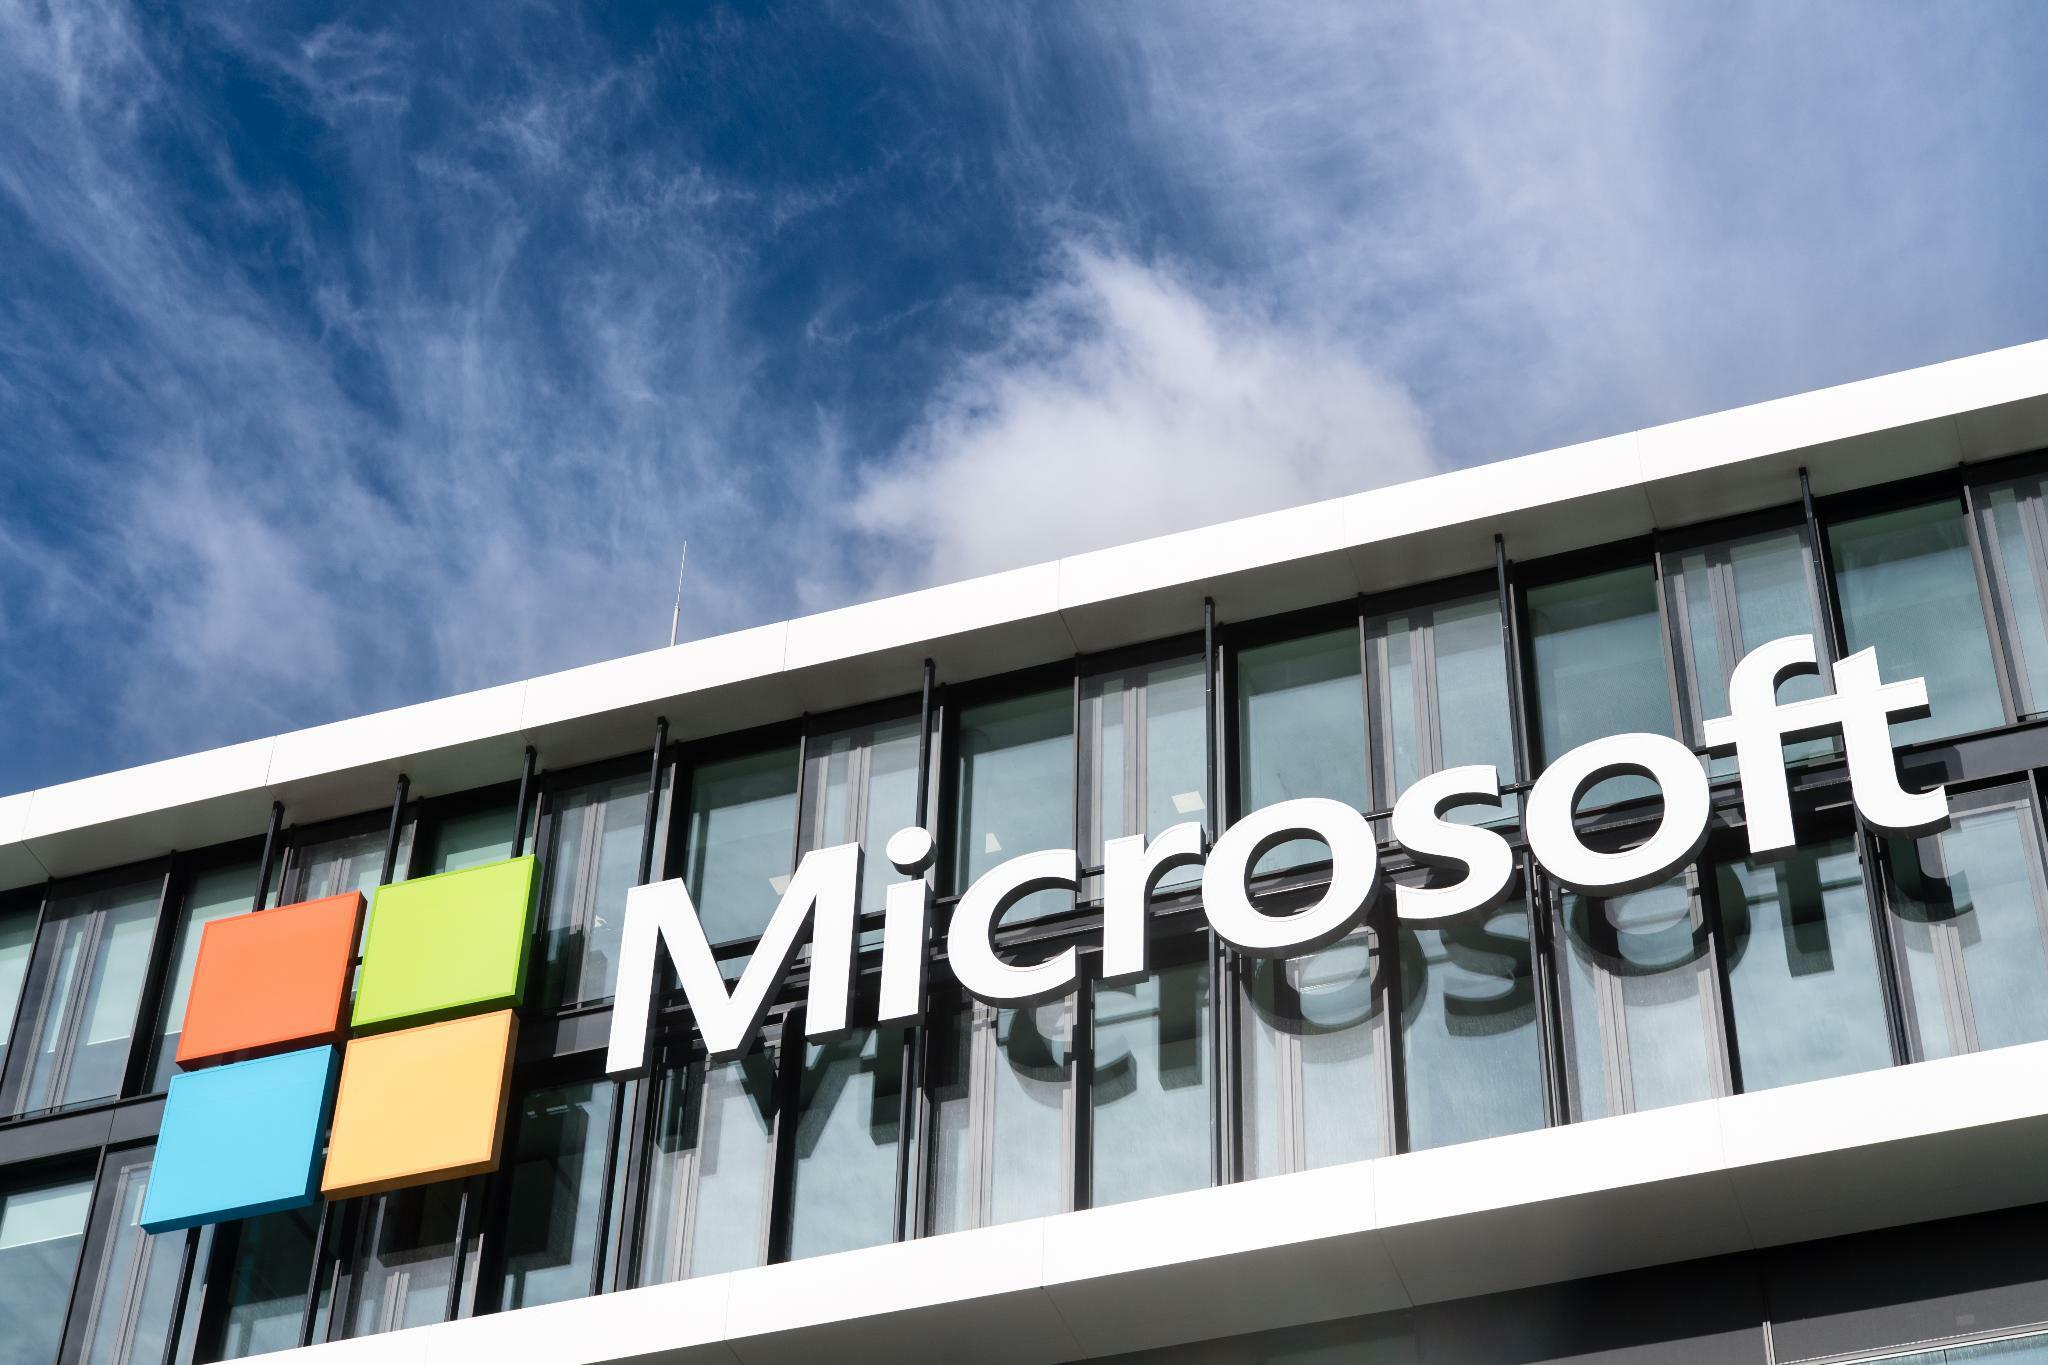 Software-Riese: Microsoft beschließt Aktienrückkäufe von bis zu 40 Milliarden Dollar